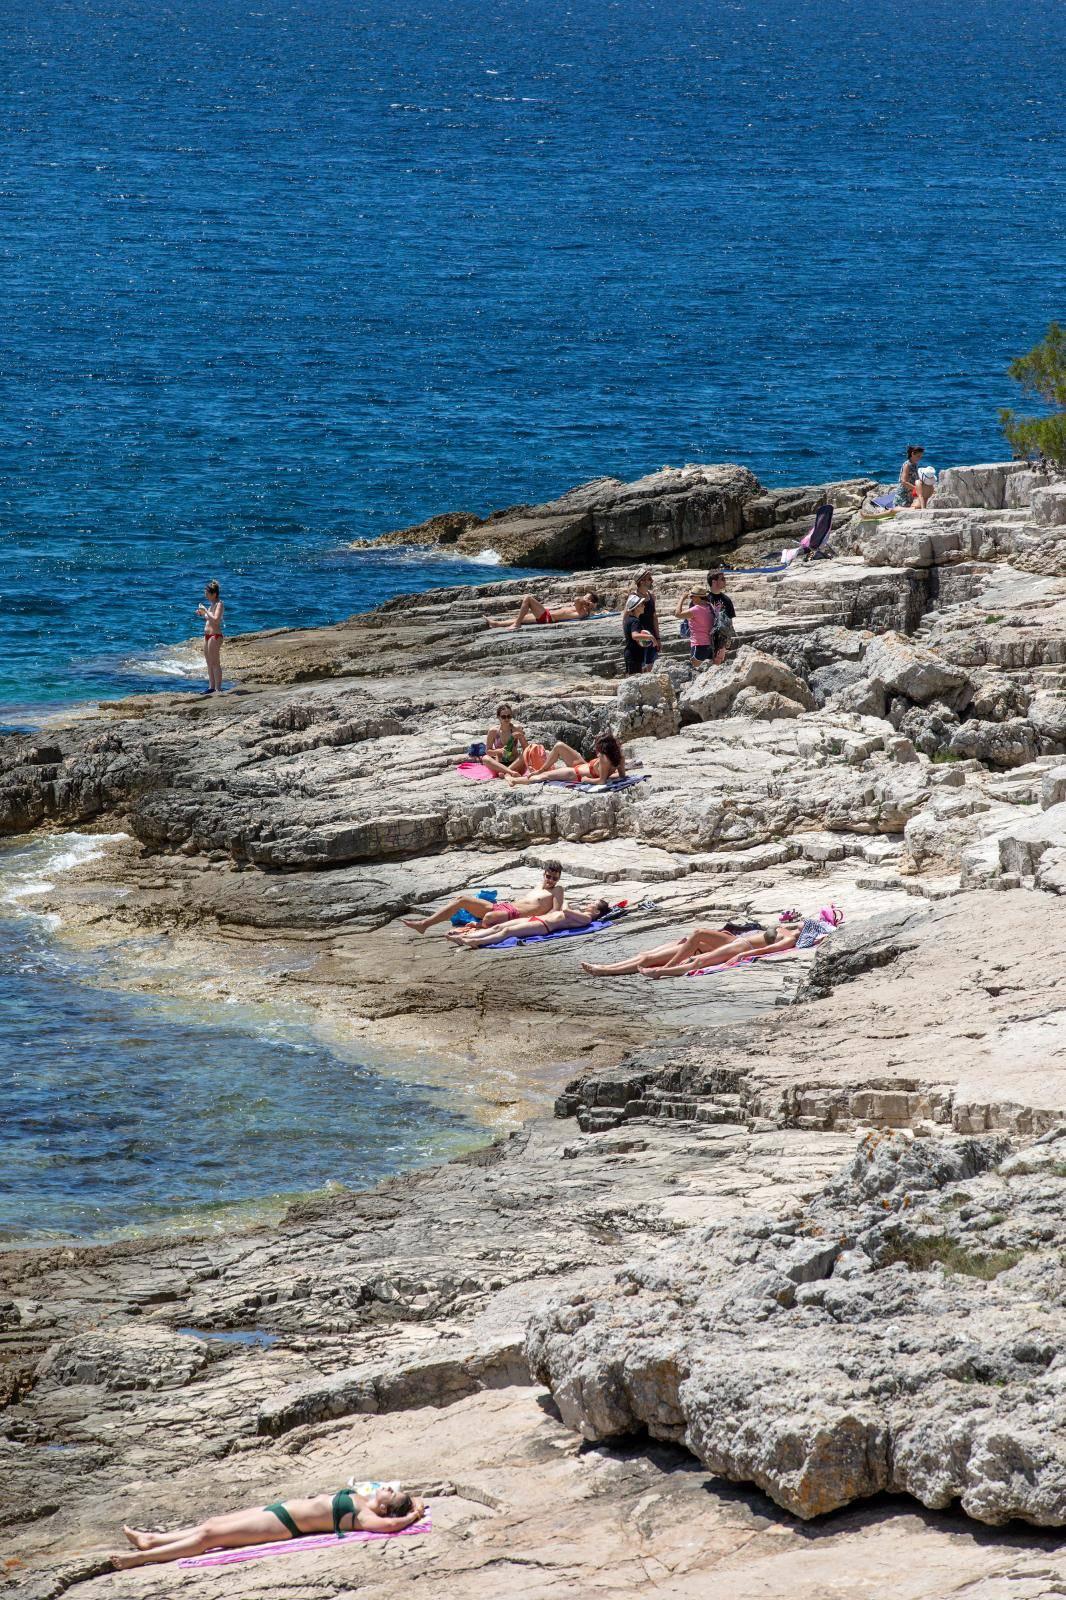 Pula: Tek malobrojni turisti uživali u kupanju i boravku uz more na prvi dan ljeta